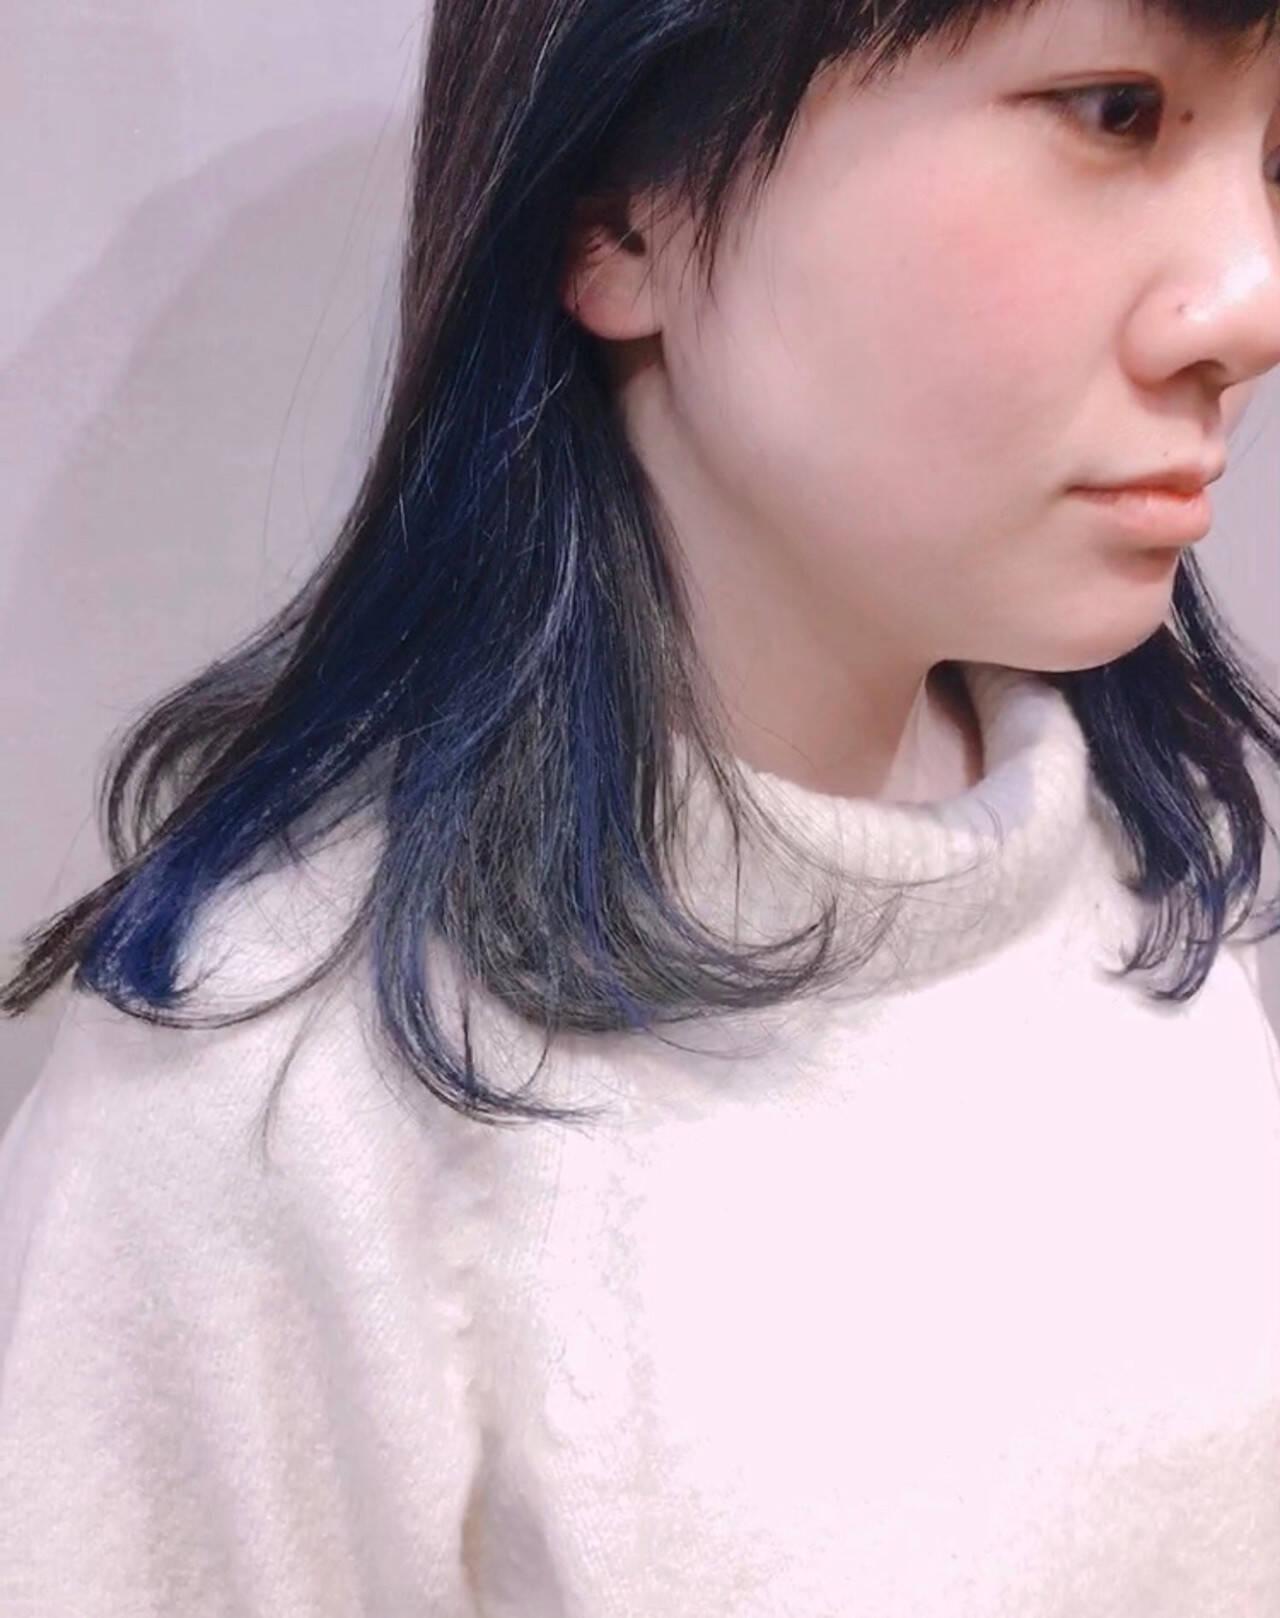 ミルクティーグレージュ ブルージュ ブルー ストリートヘアスタイルや髪型の写真・画像